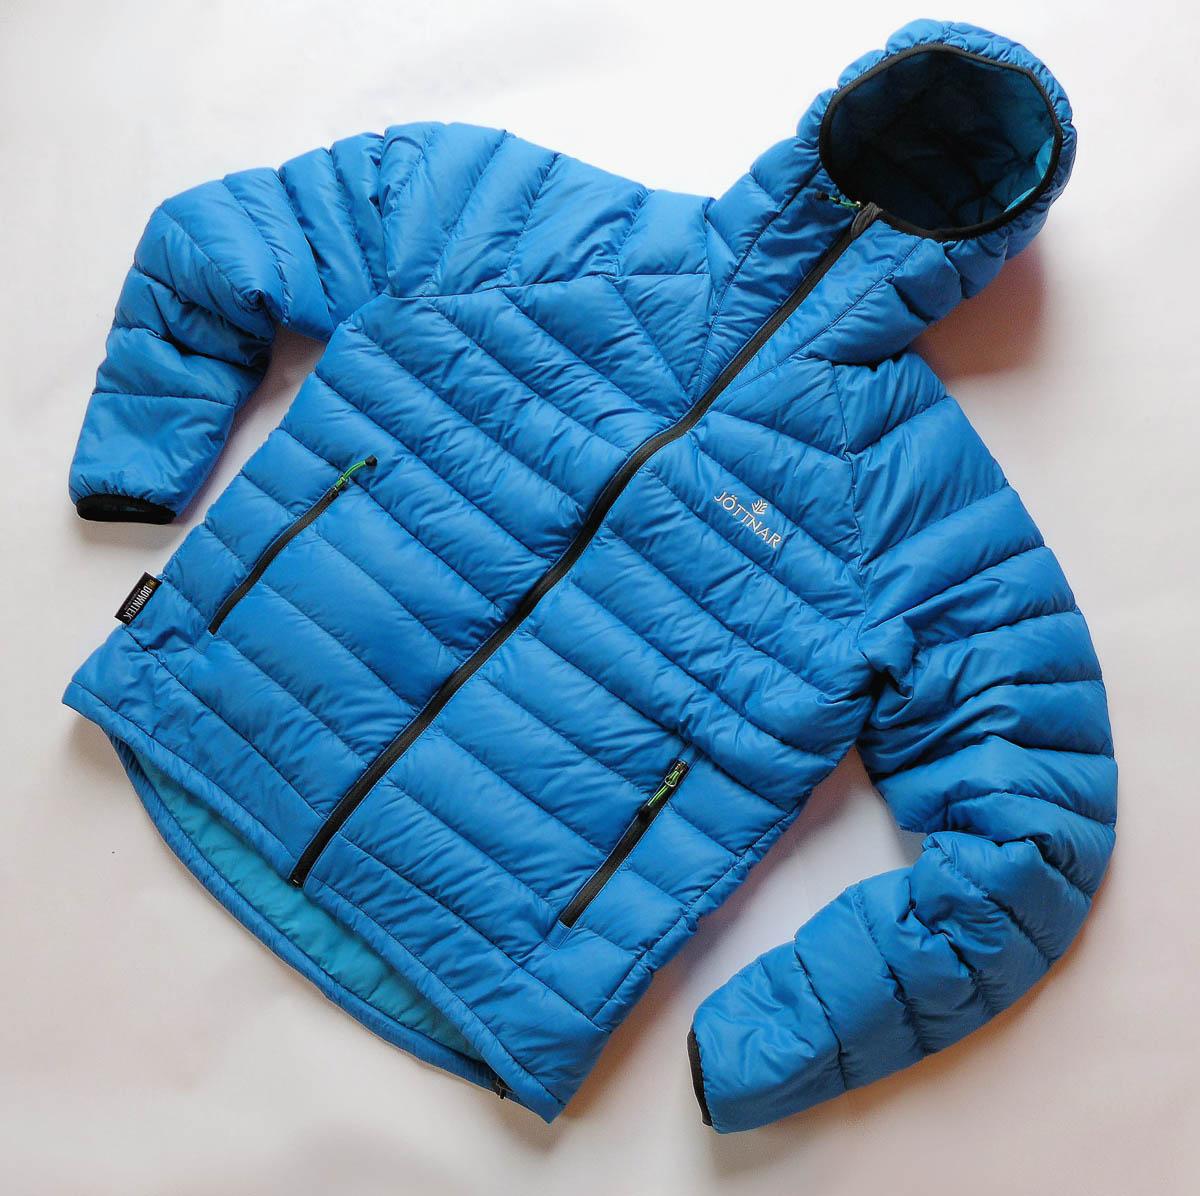 06b0bde696b Winter insulated jackets – Group Test | Walkhighlands